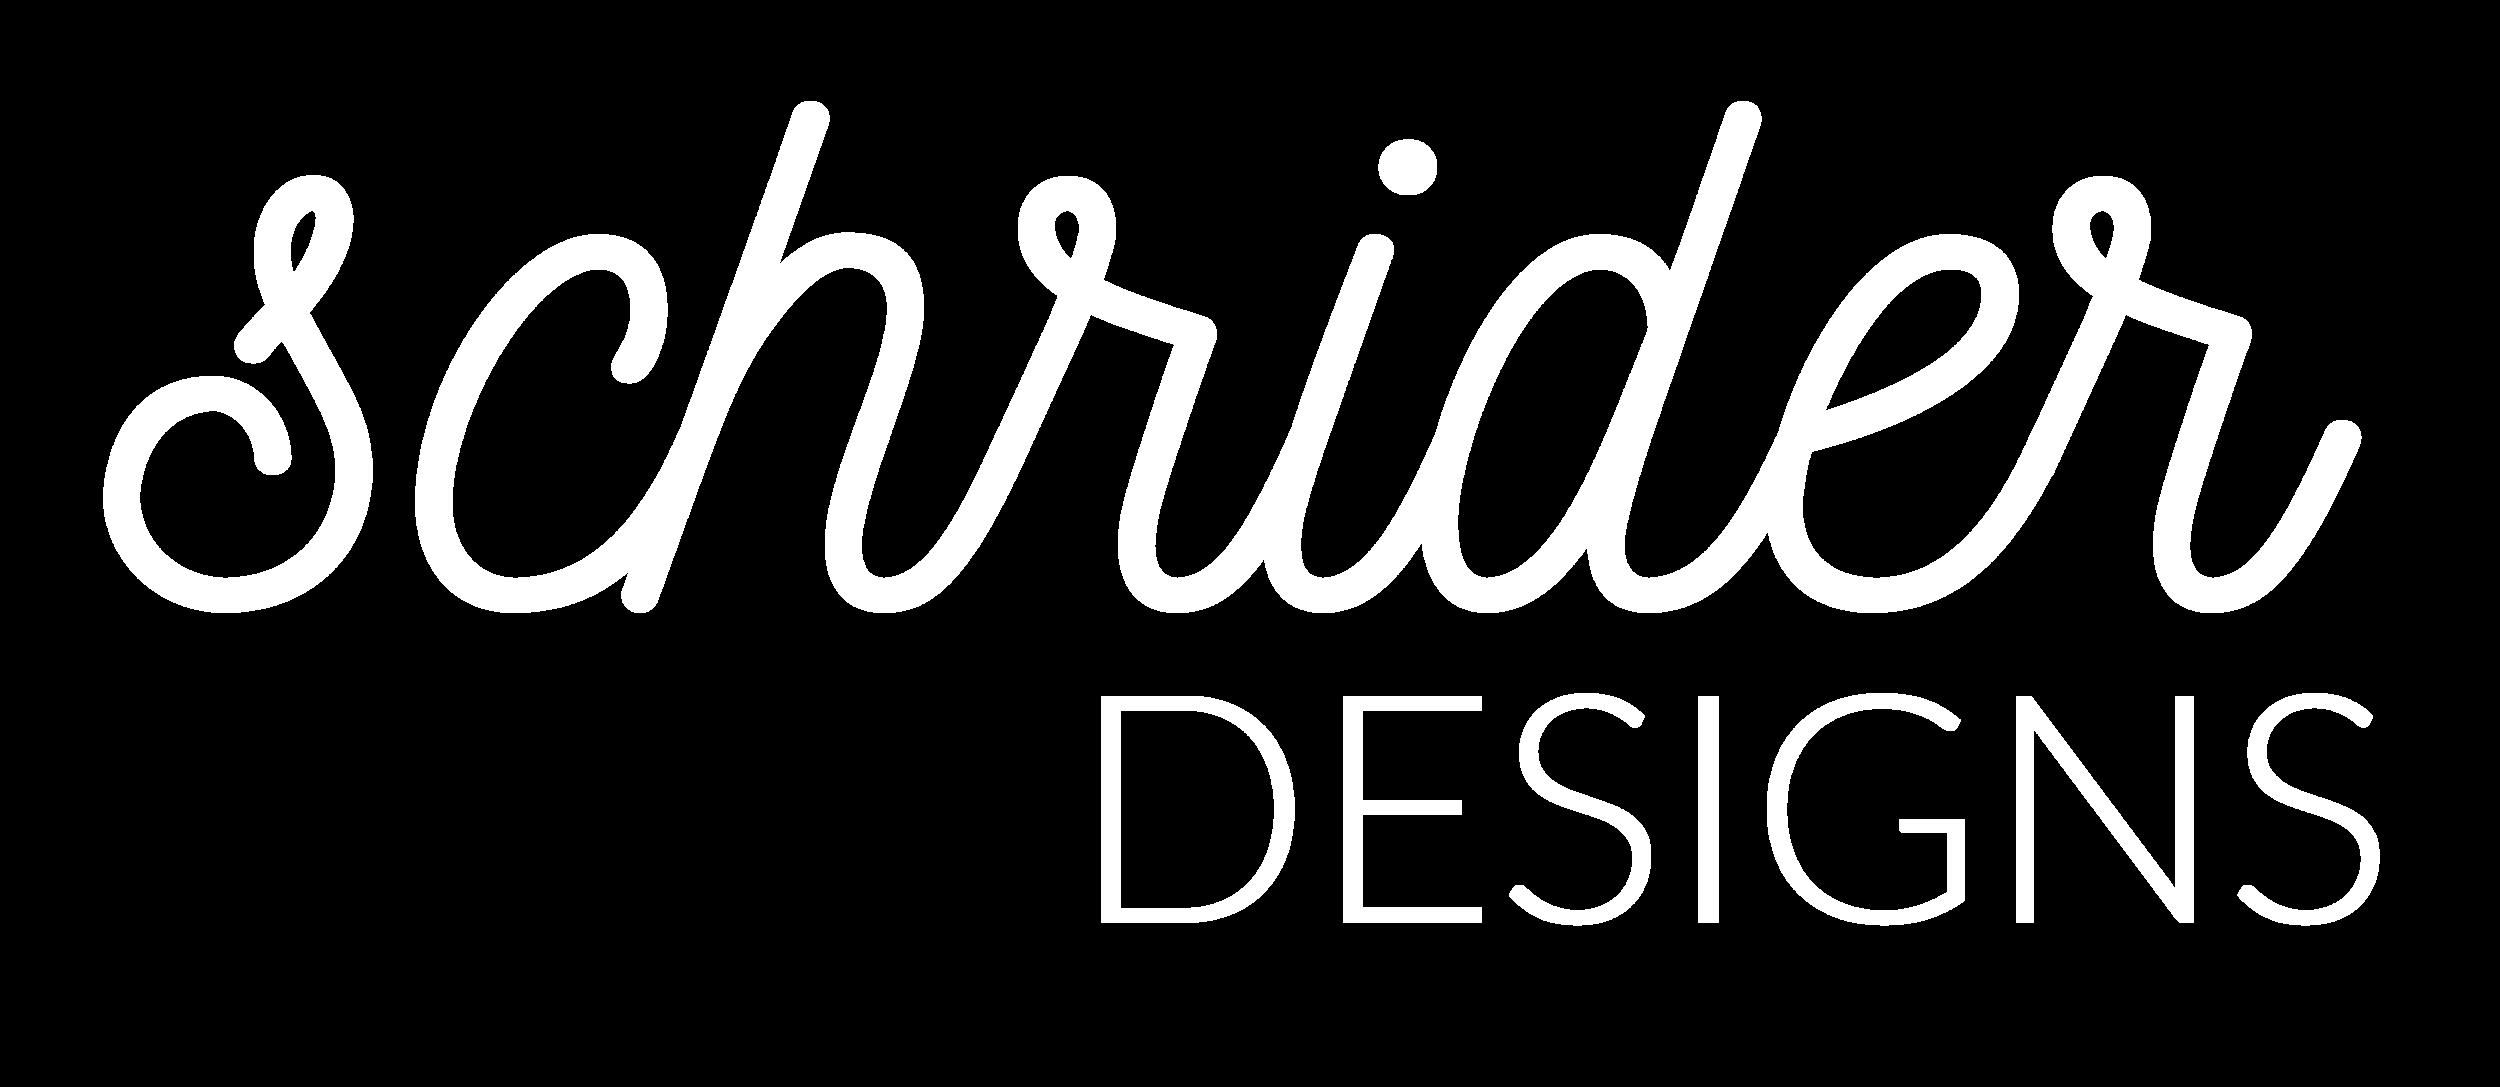 Schrider Designs Logo 2